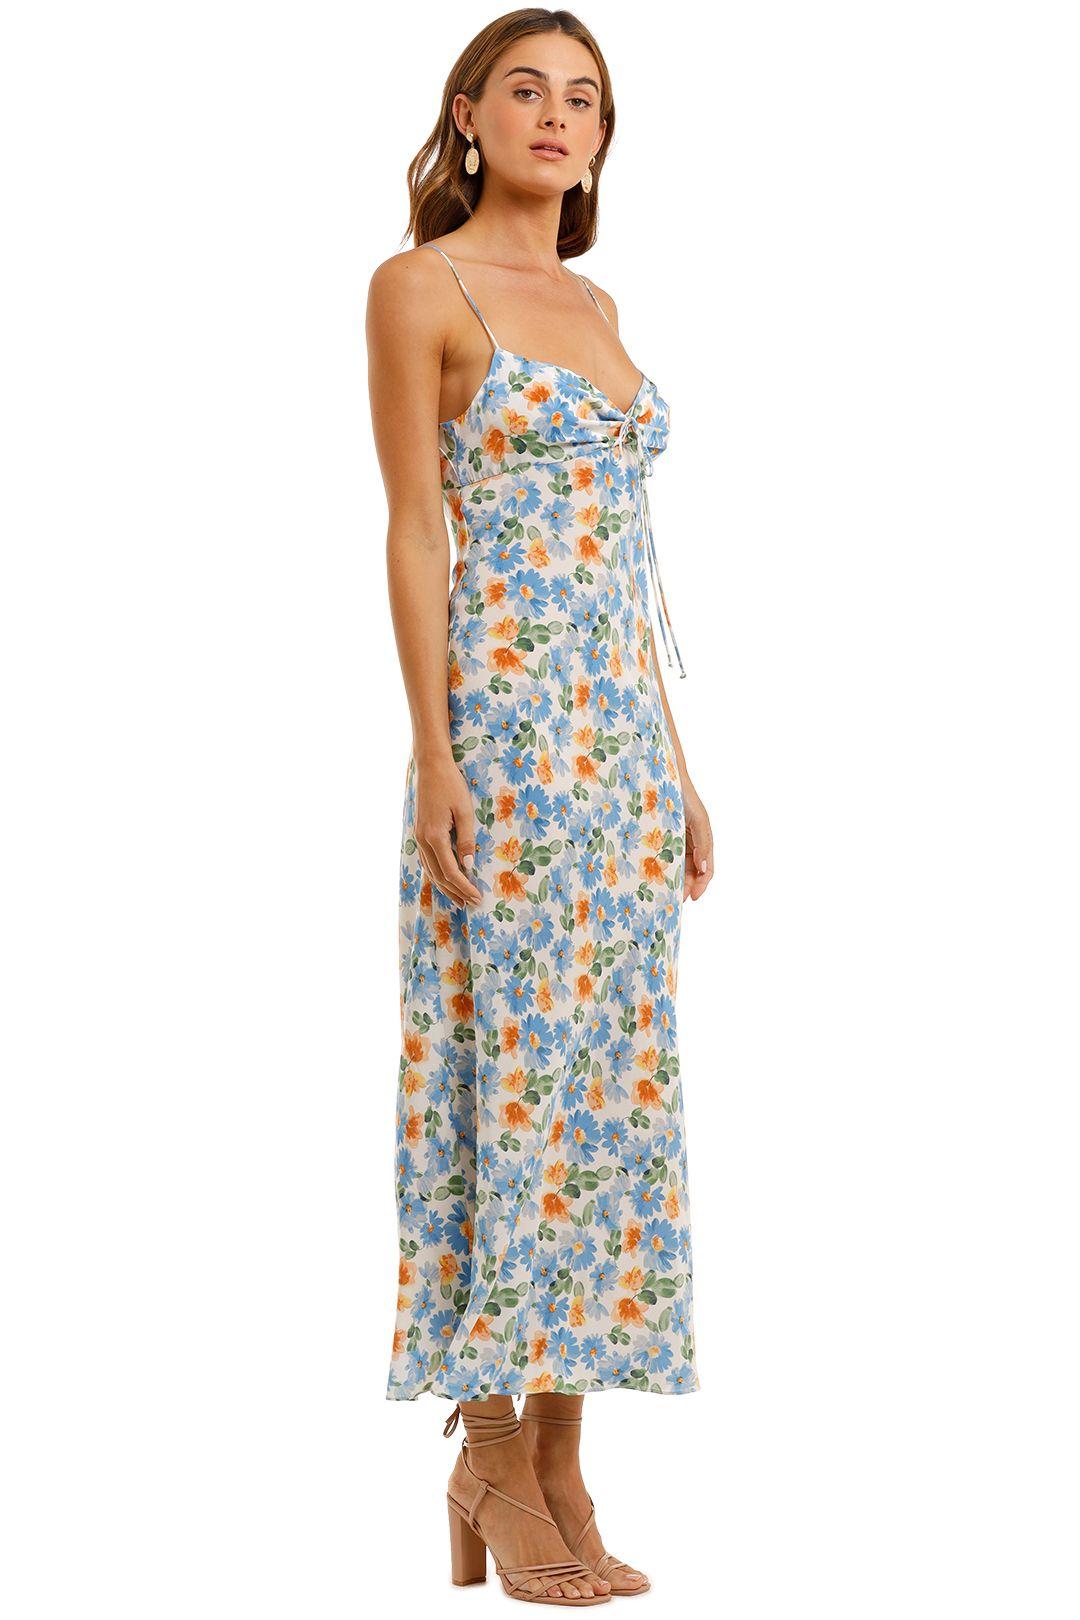 Bec and Bridge La Jolie Midi Dress Floral